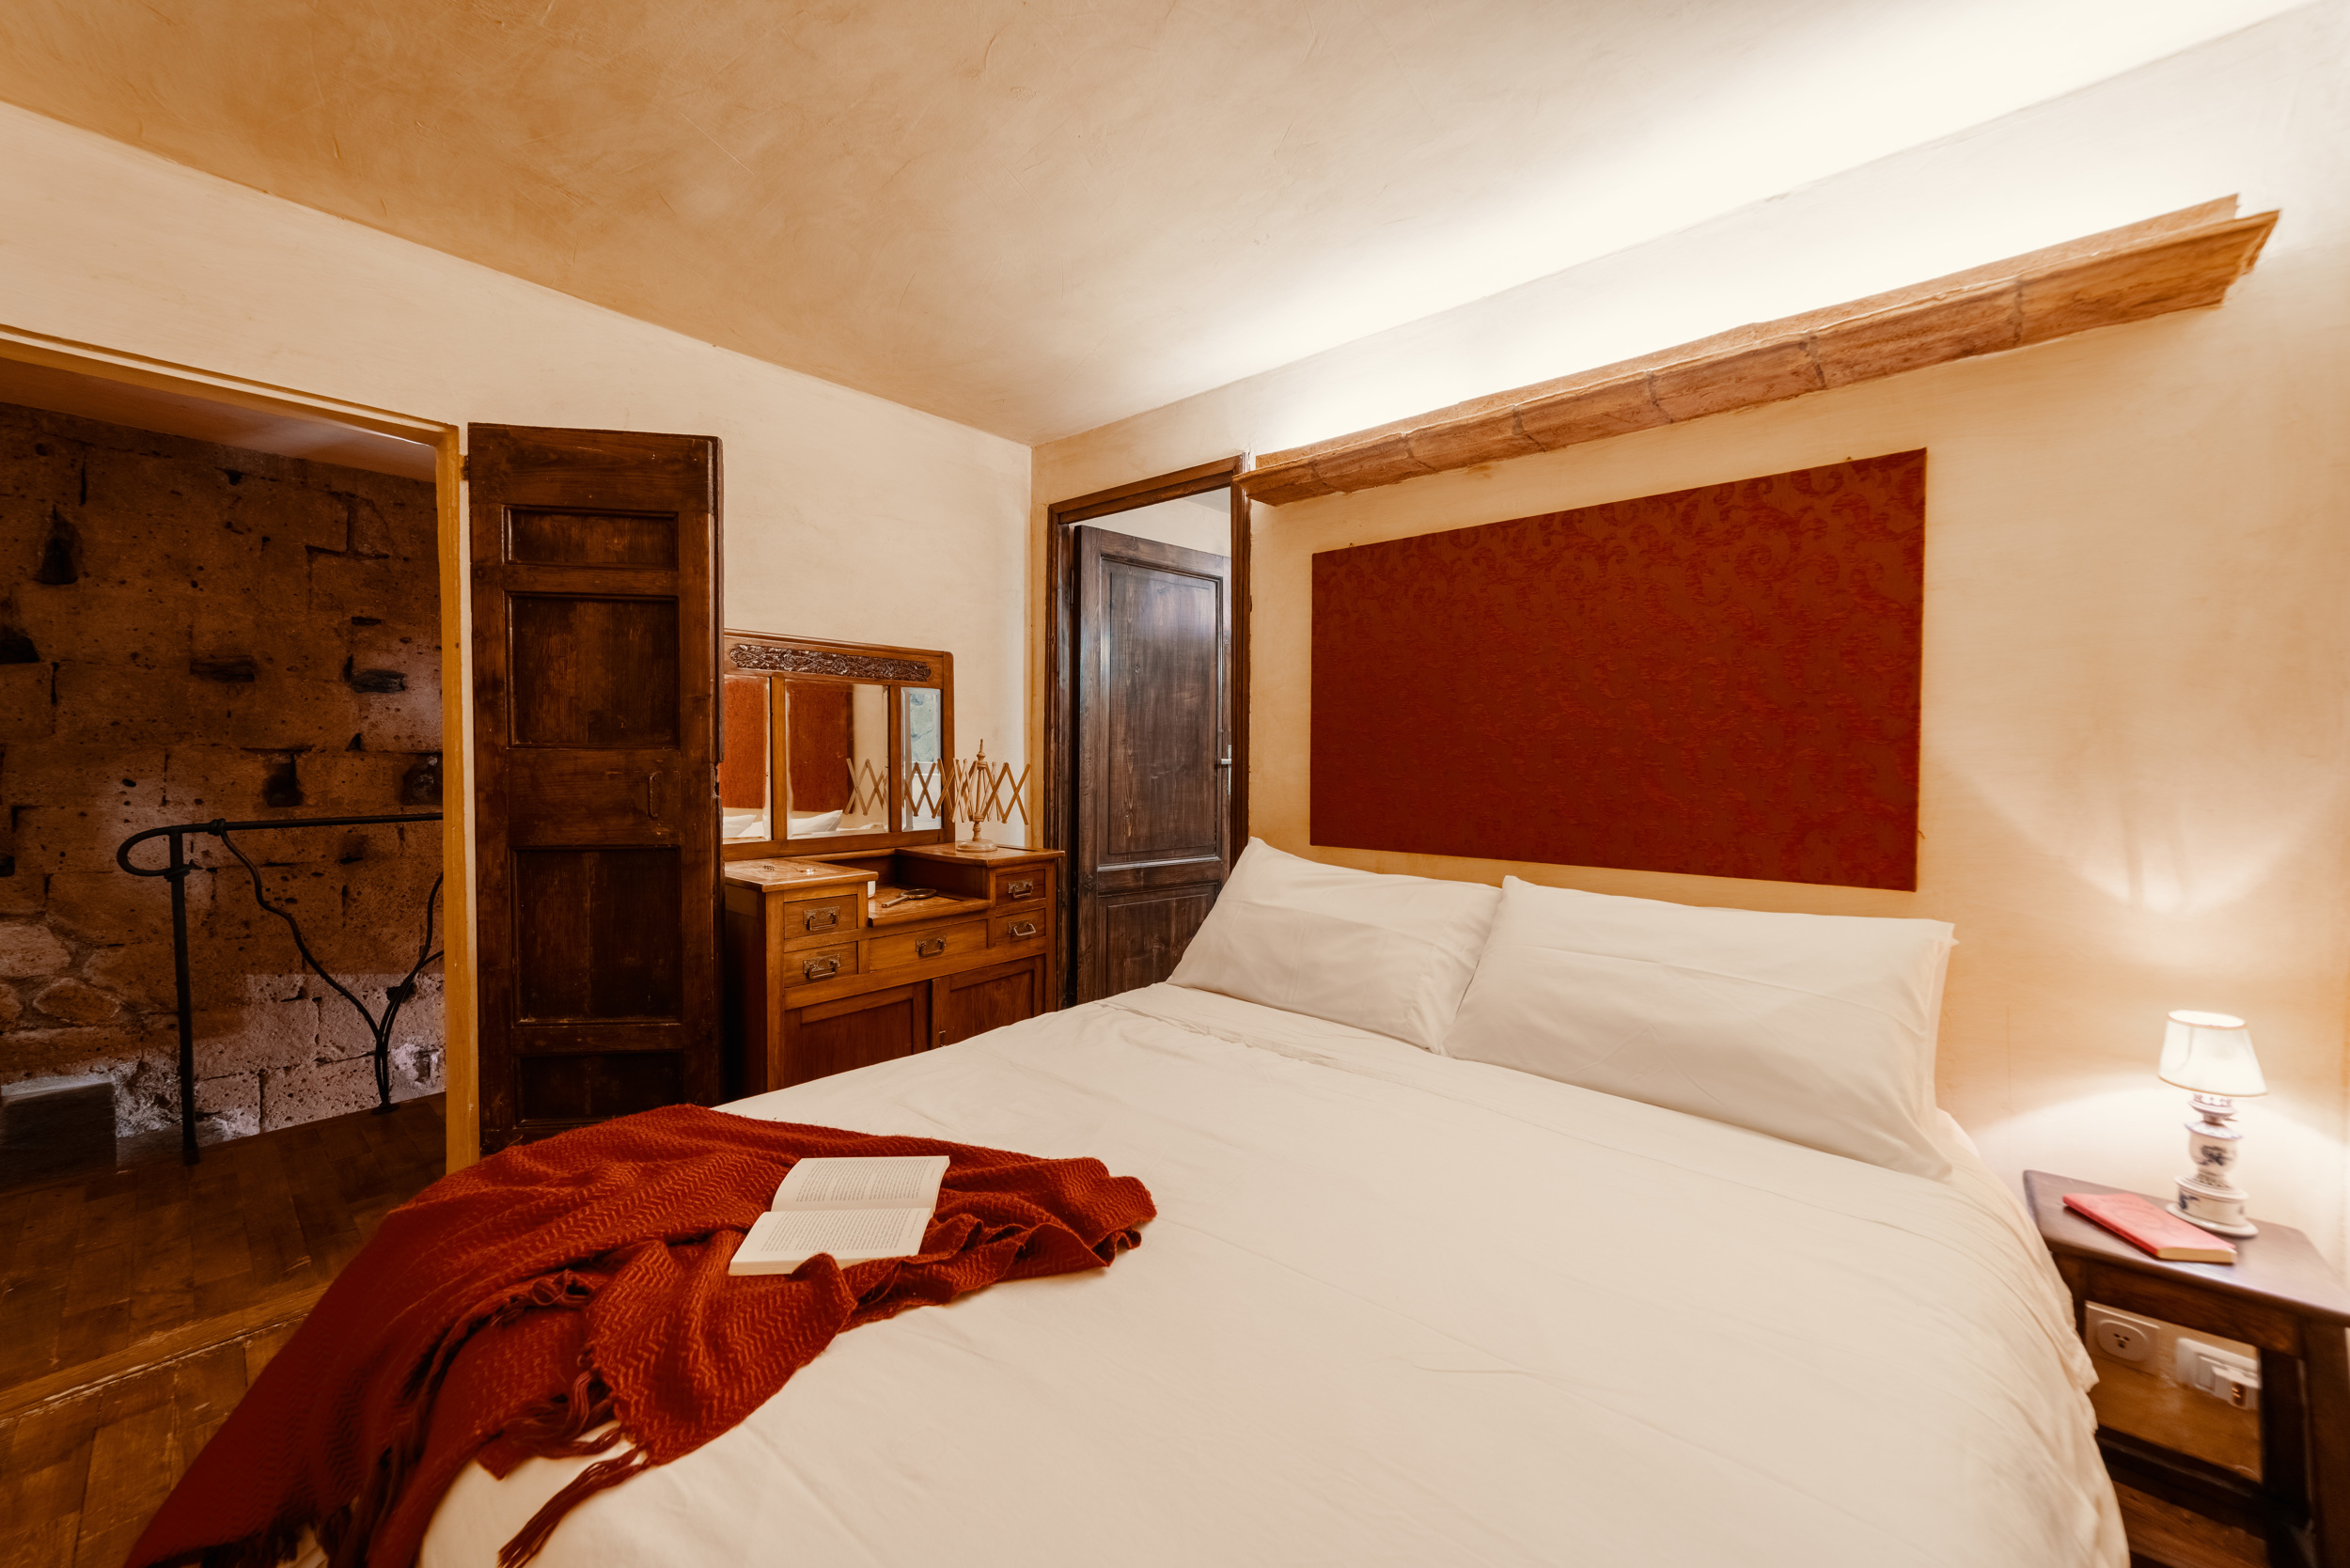 King bedroom with ensuite bathroom.